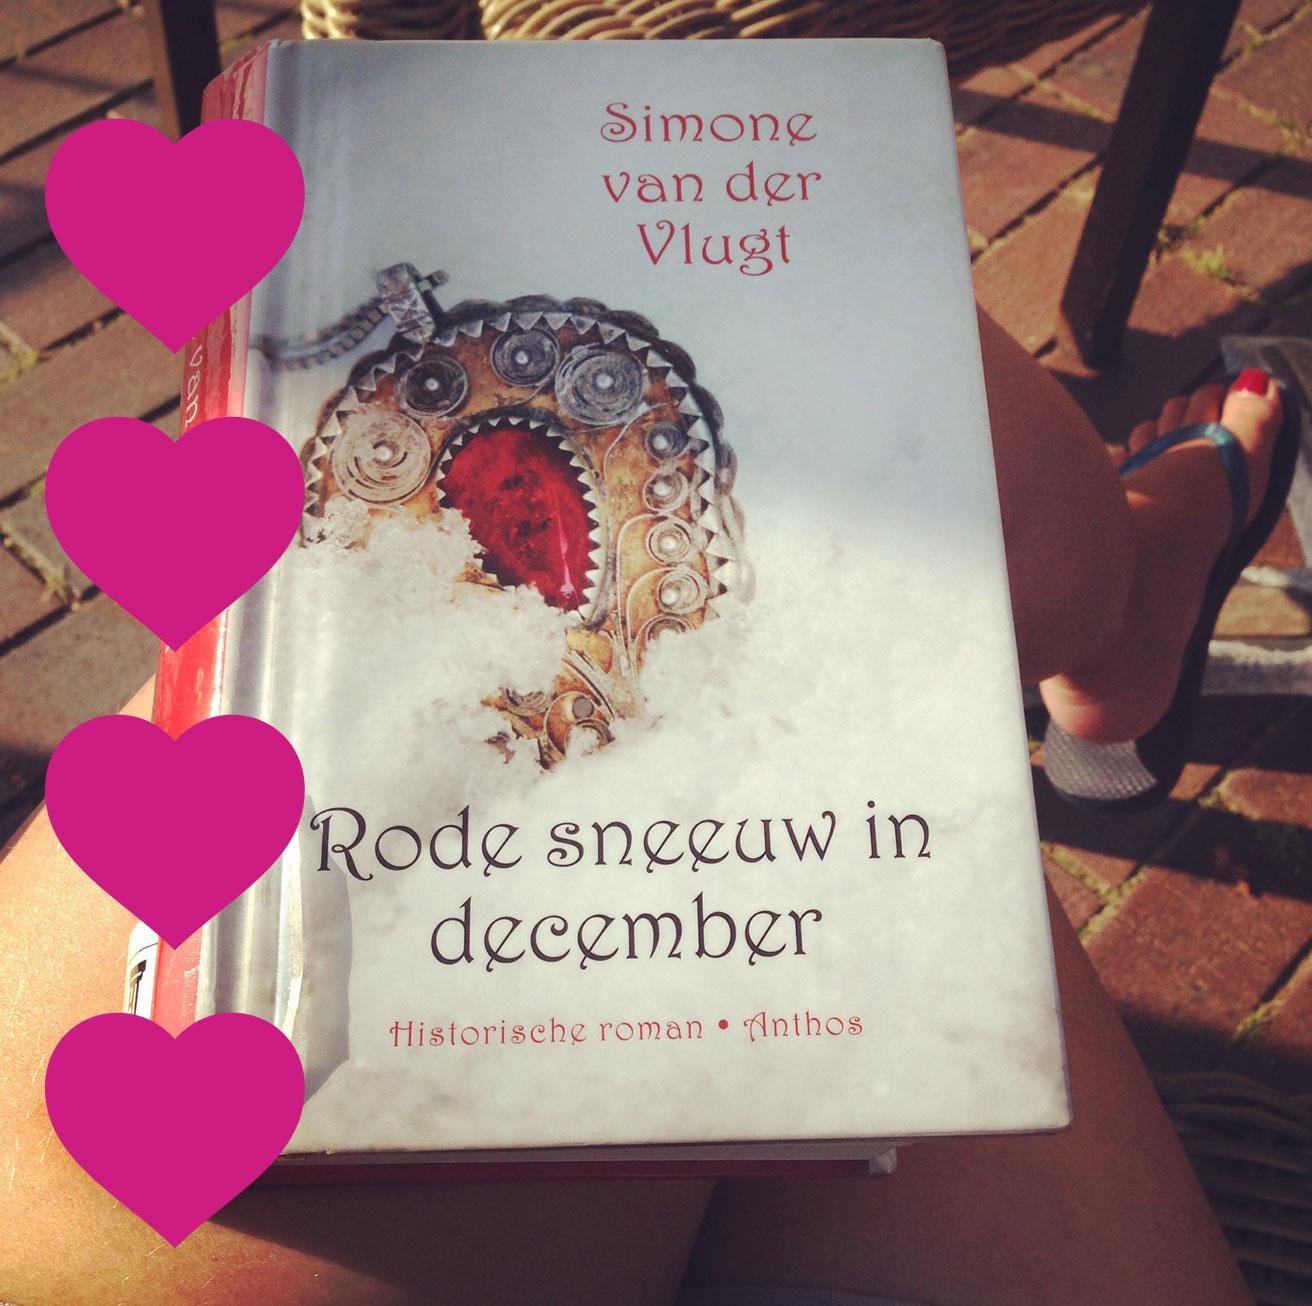 Rode sneeuw in december | Simone van der Vlugt | Bladzijde26